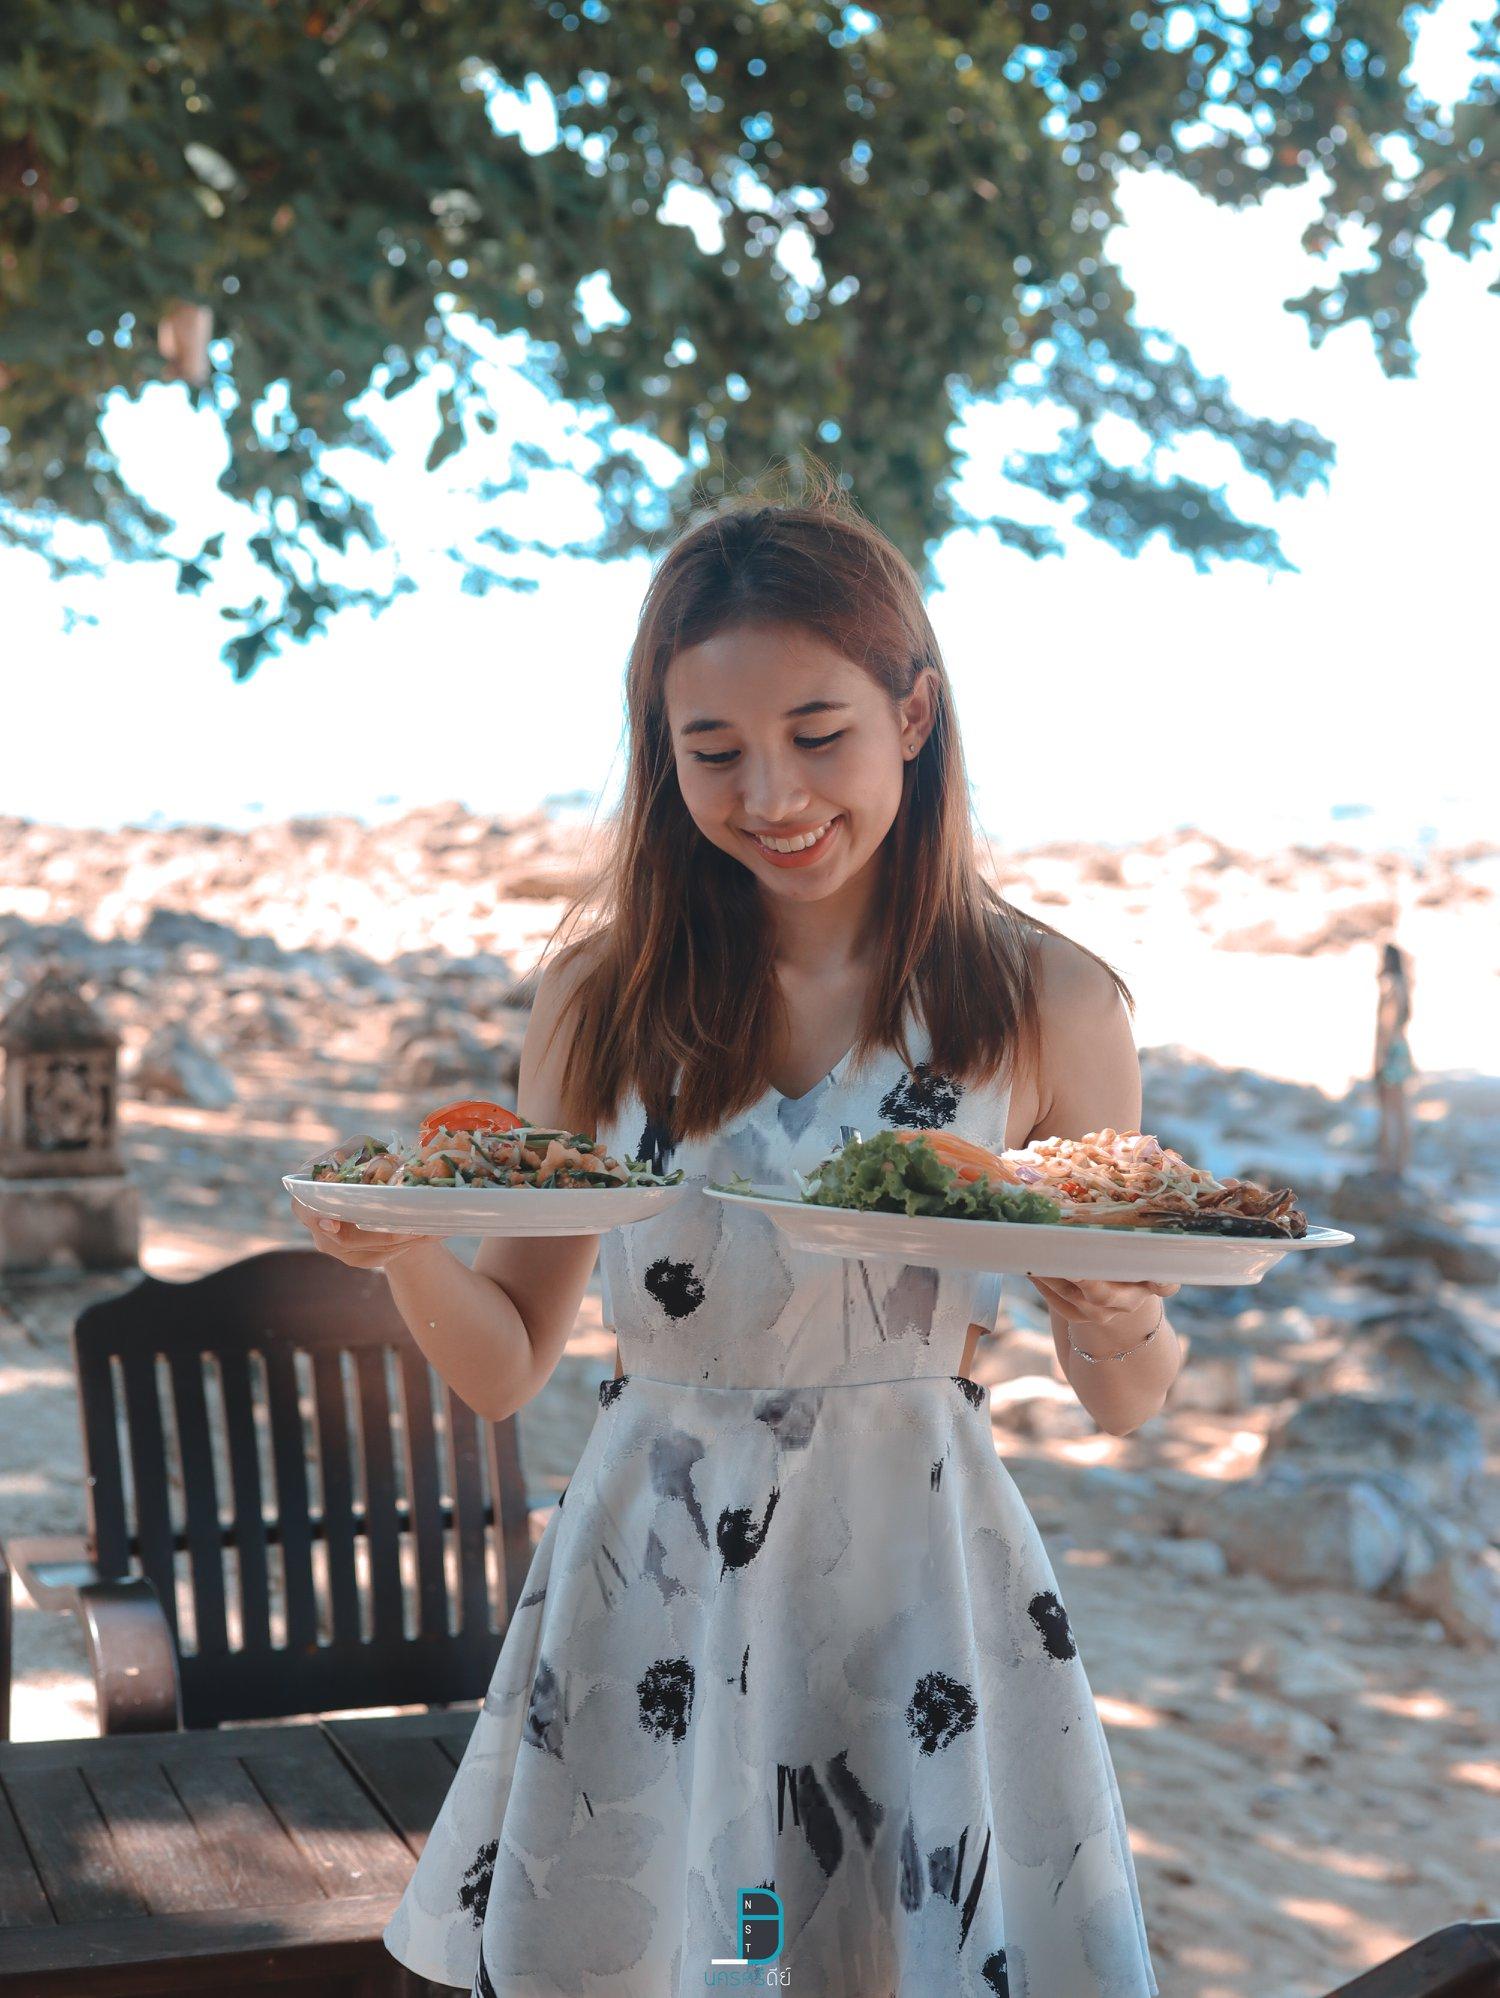 มีร้านอาหารริมทะเลด้วยย-อาหารสดมากบอกเลย  ประสานสุข,วิลล่า,บีช,รีสอร์ท,นครศรีธรรมราช,ที่พัก,สิชล